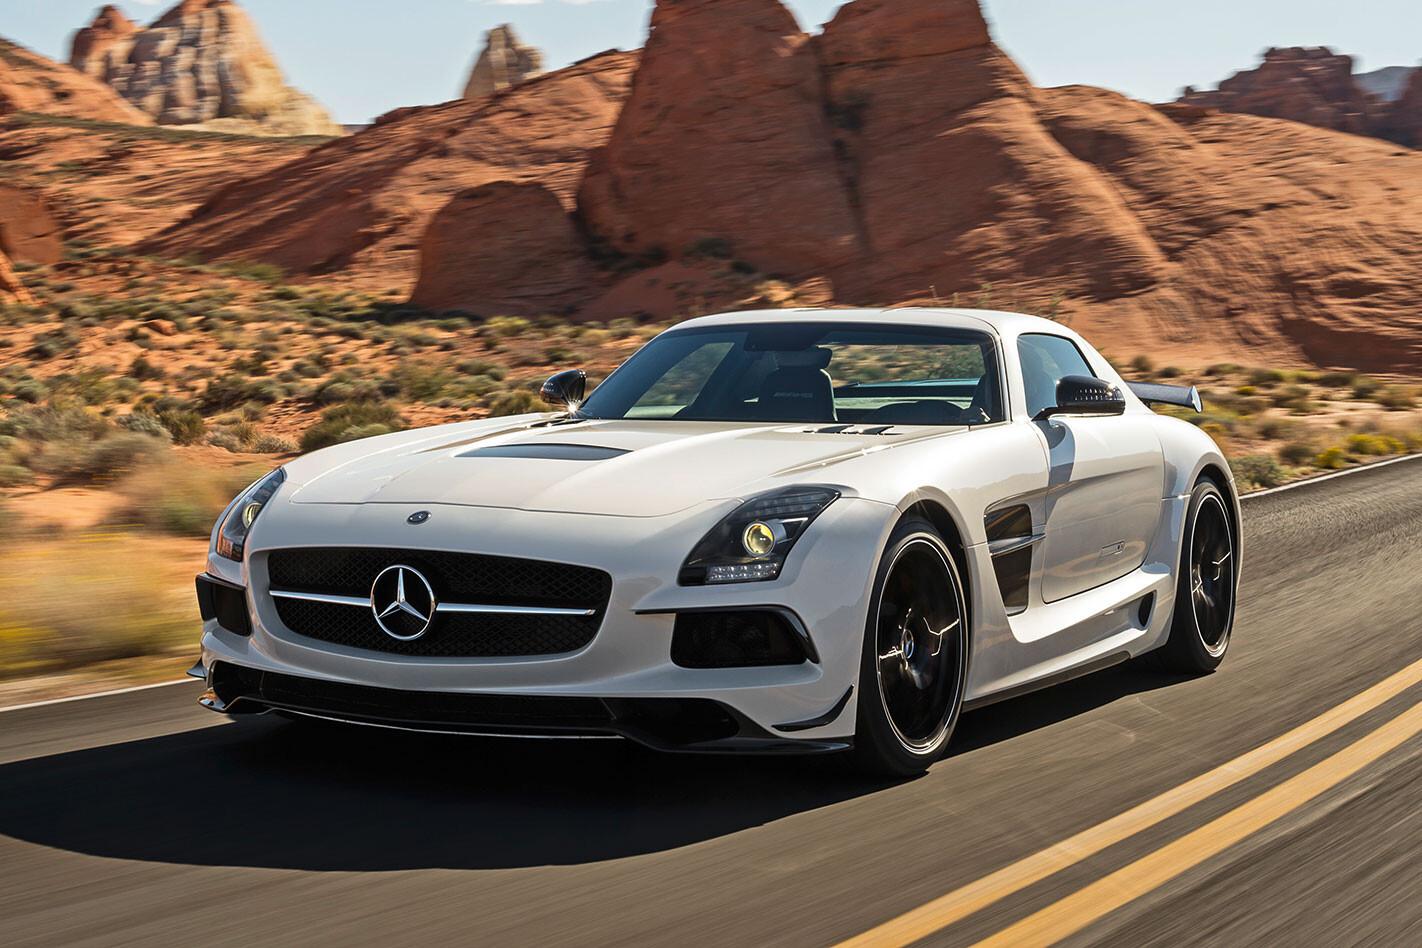 Mercedes-AMG back in Black